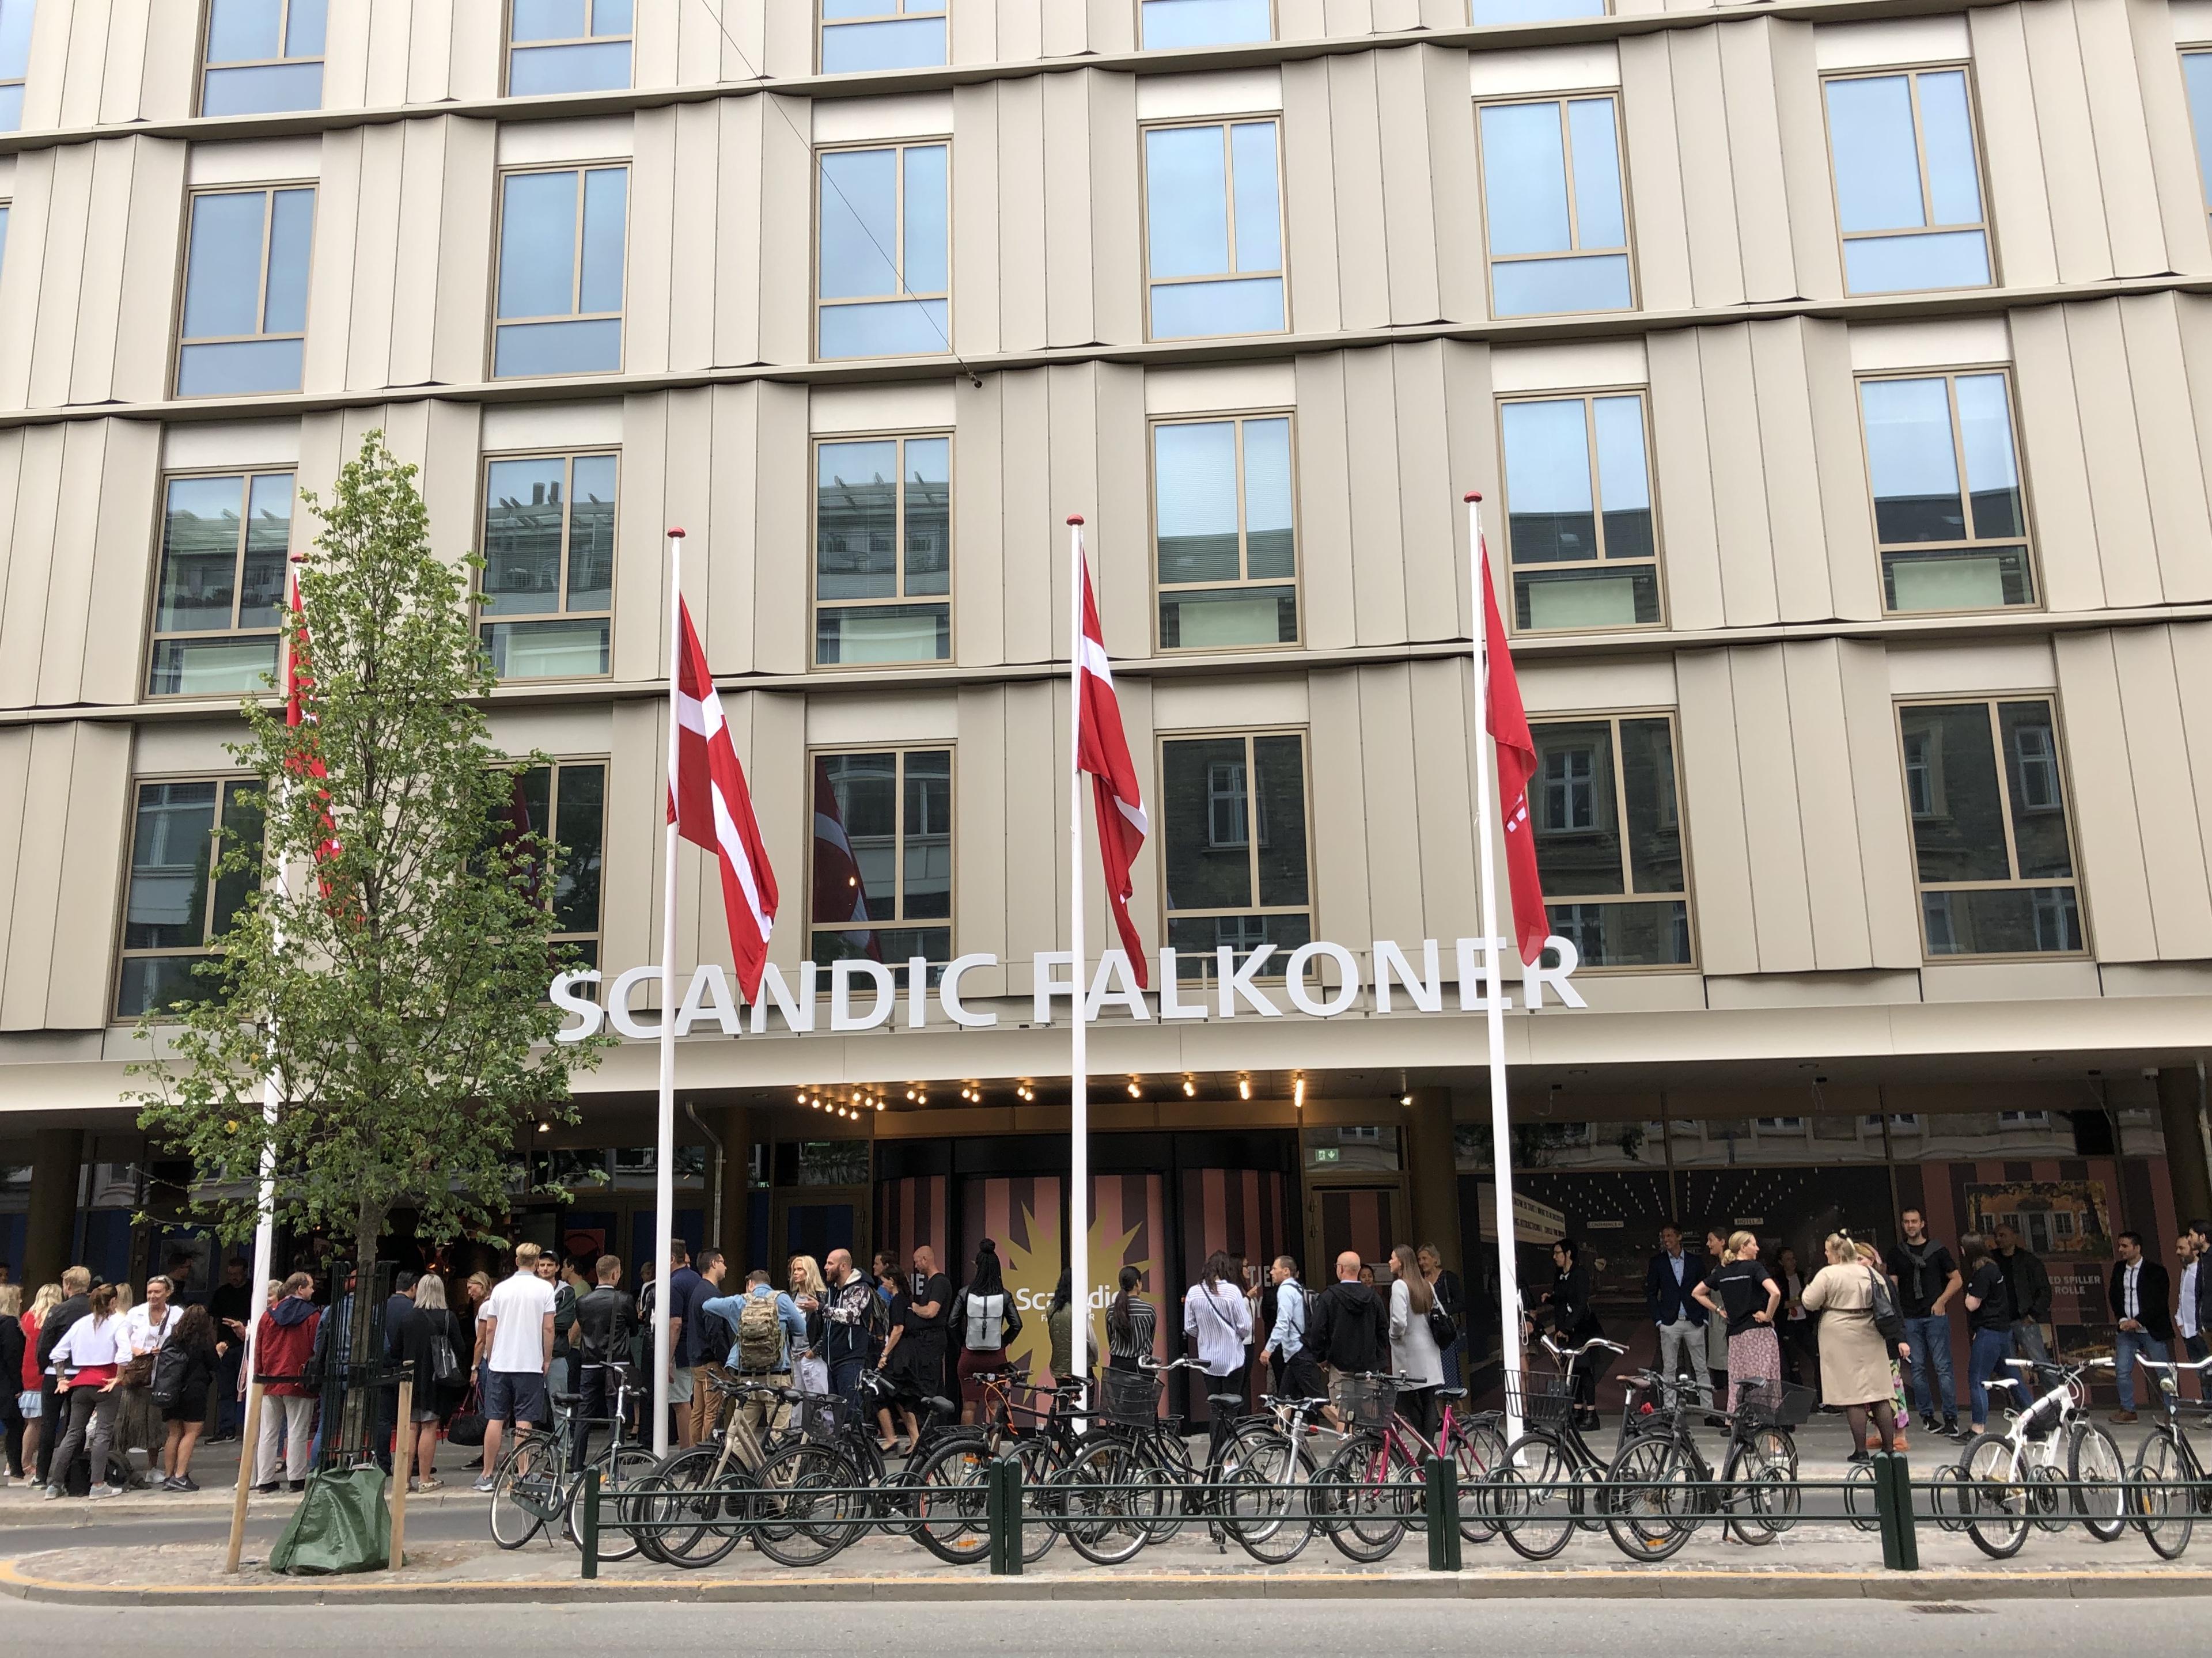 Danmark – navnlig København – får i disse år mange nye hotelværelser. Det seneste er Falkoner-hotellet på Frederiksberg, der genåbnede sidste uge som Scandics 27. hotel i Danmark. Foto: Scandic Hotels.